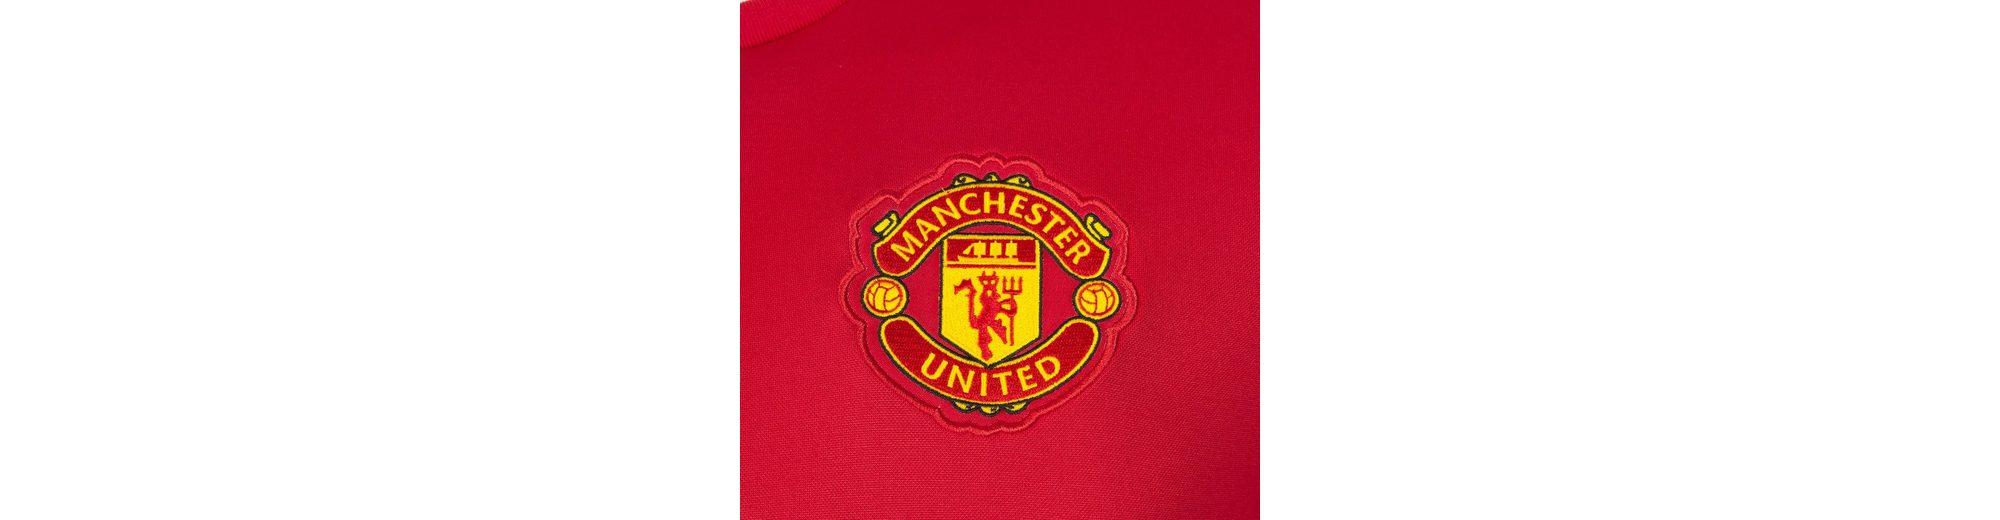 adidas Performance Manchester United Trikot Home 2016/2017 Kinder Günstig Kaufen Veröffentlichungstermine hyEi3lQPLI